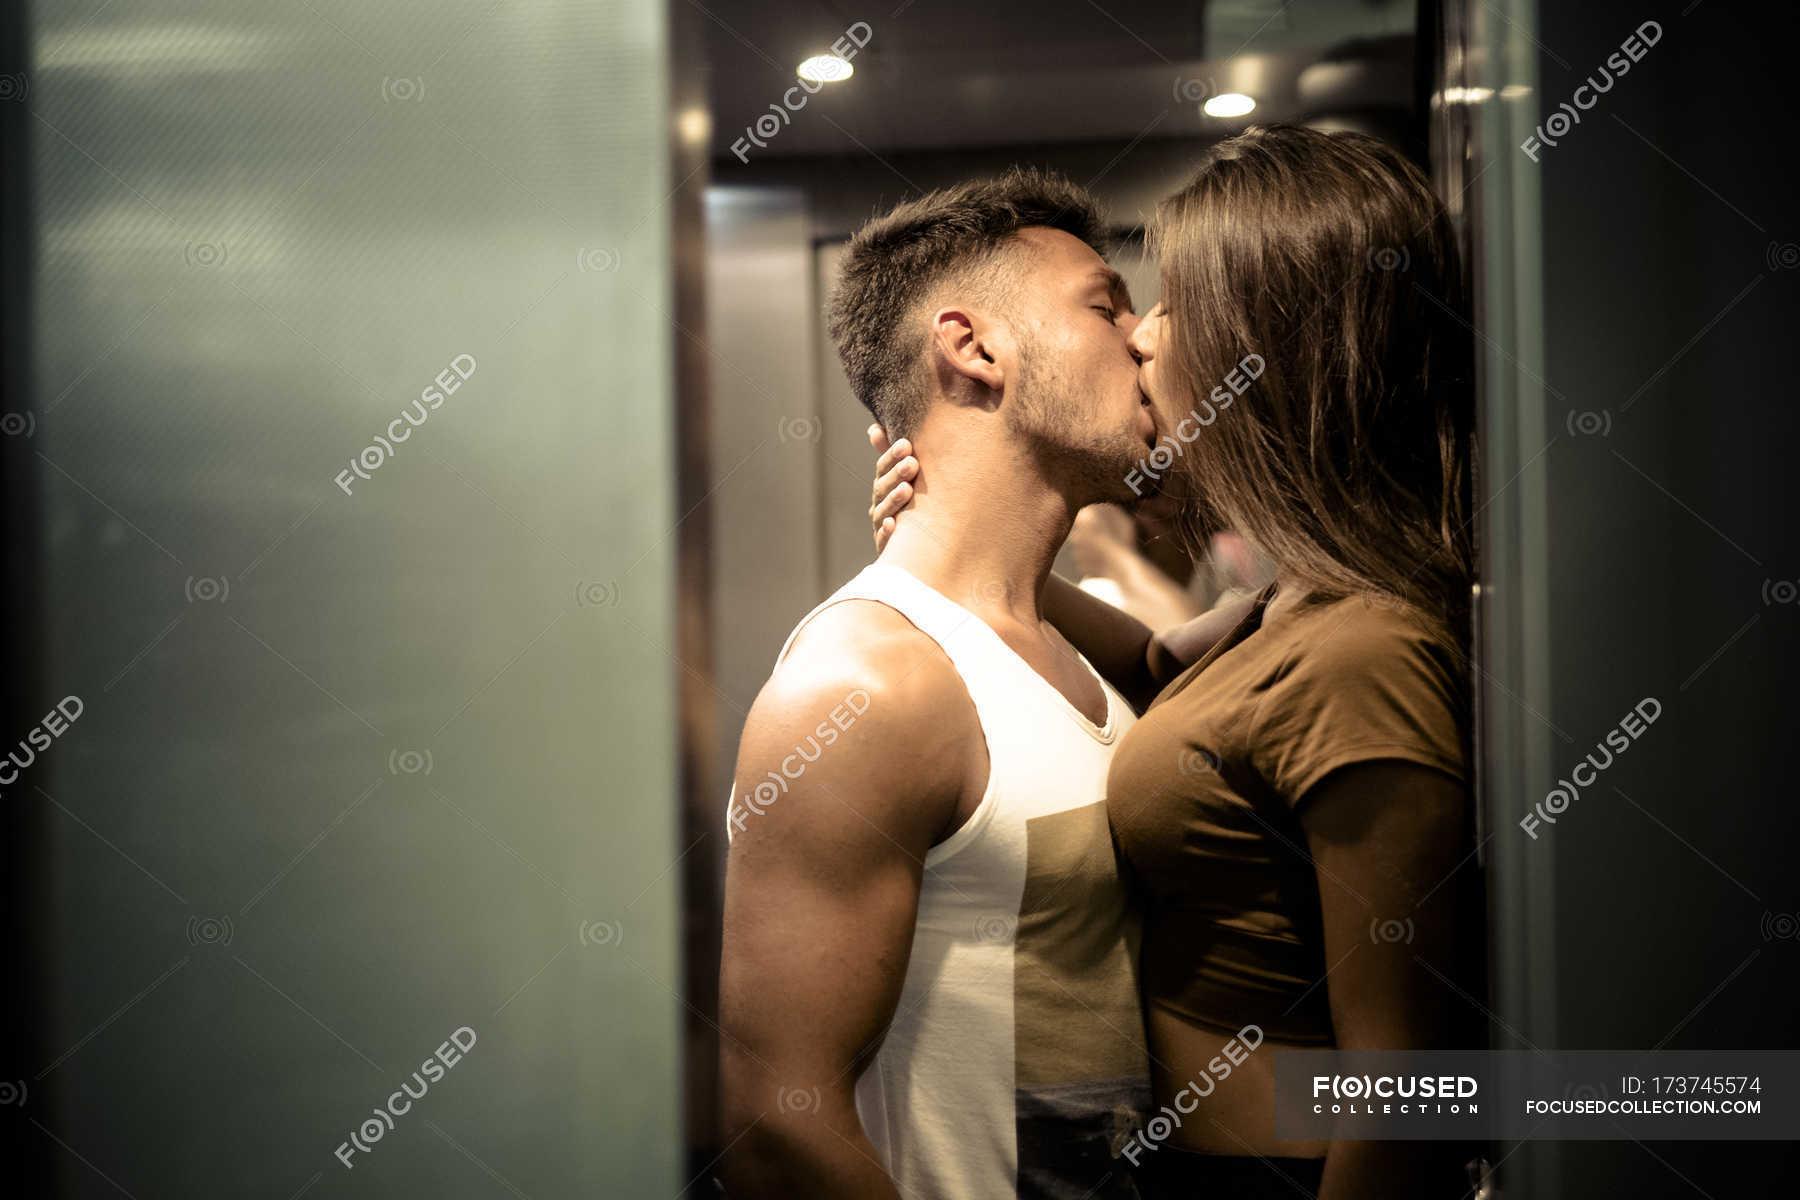 Трахнули зрелую в лифте, Трахнул зрелую в лифте Поебушки. Ком 26 фотография